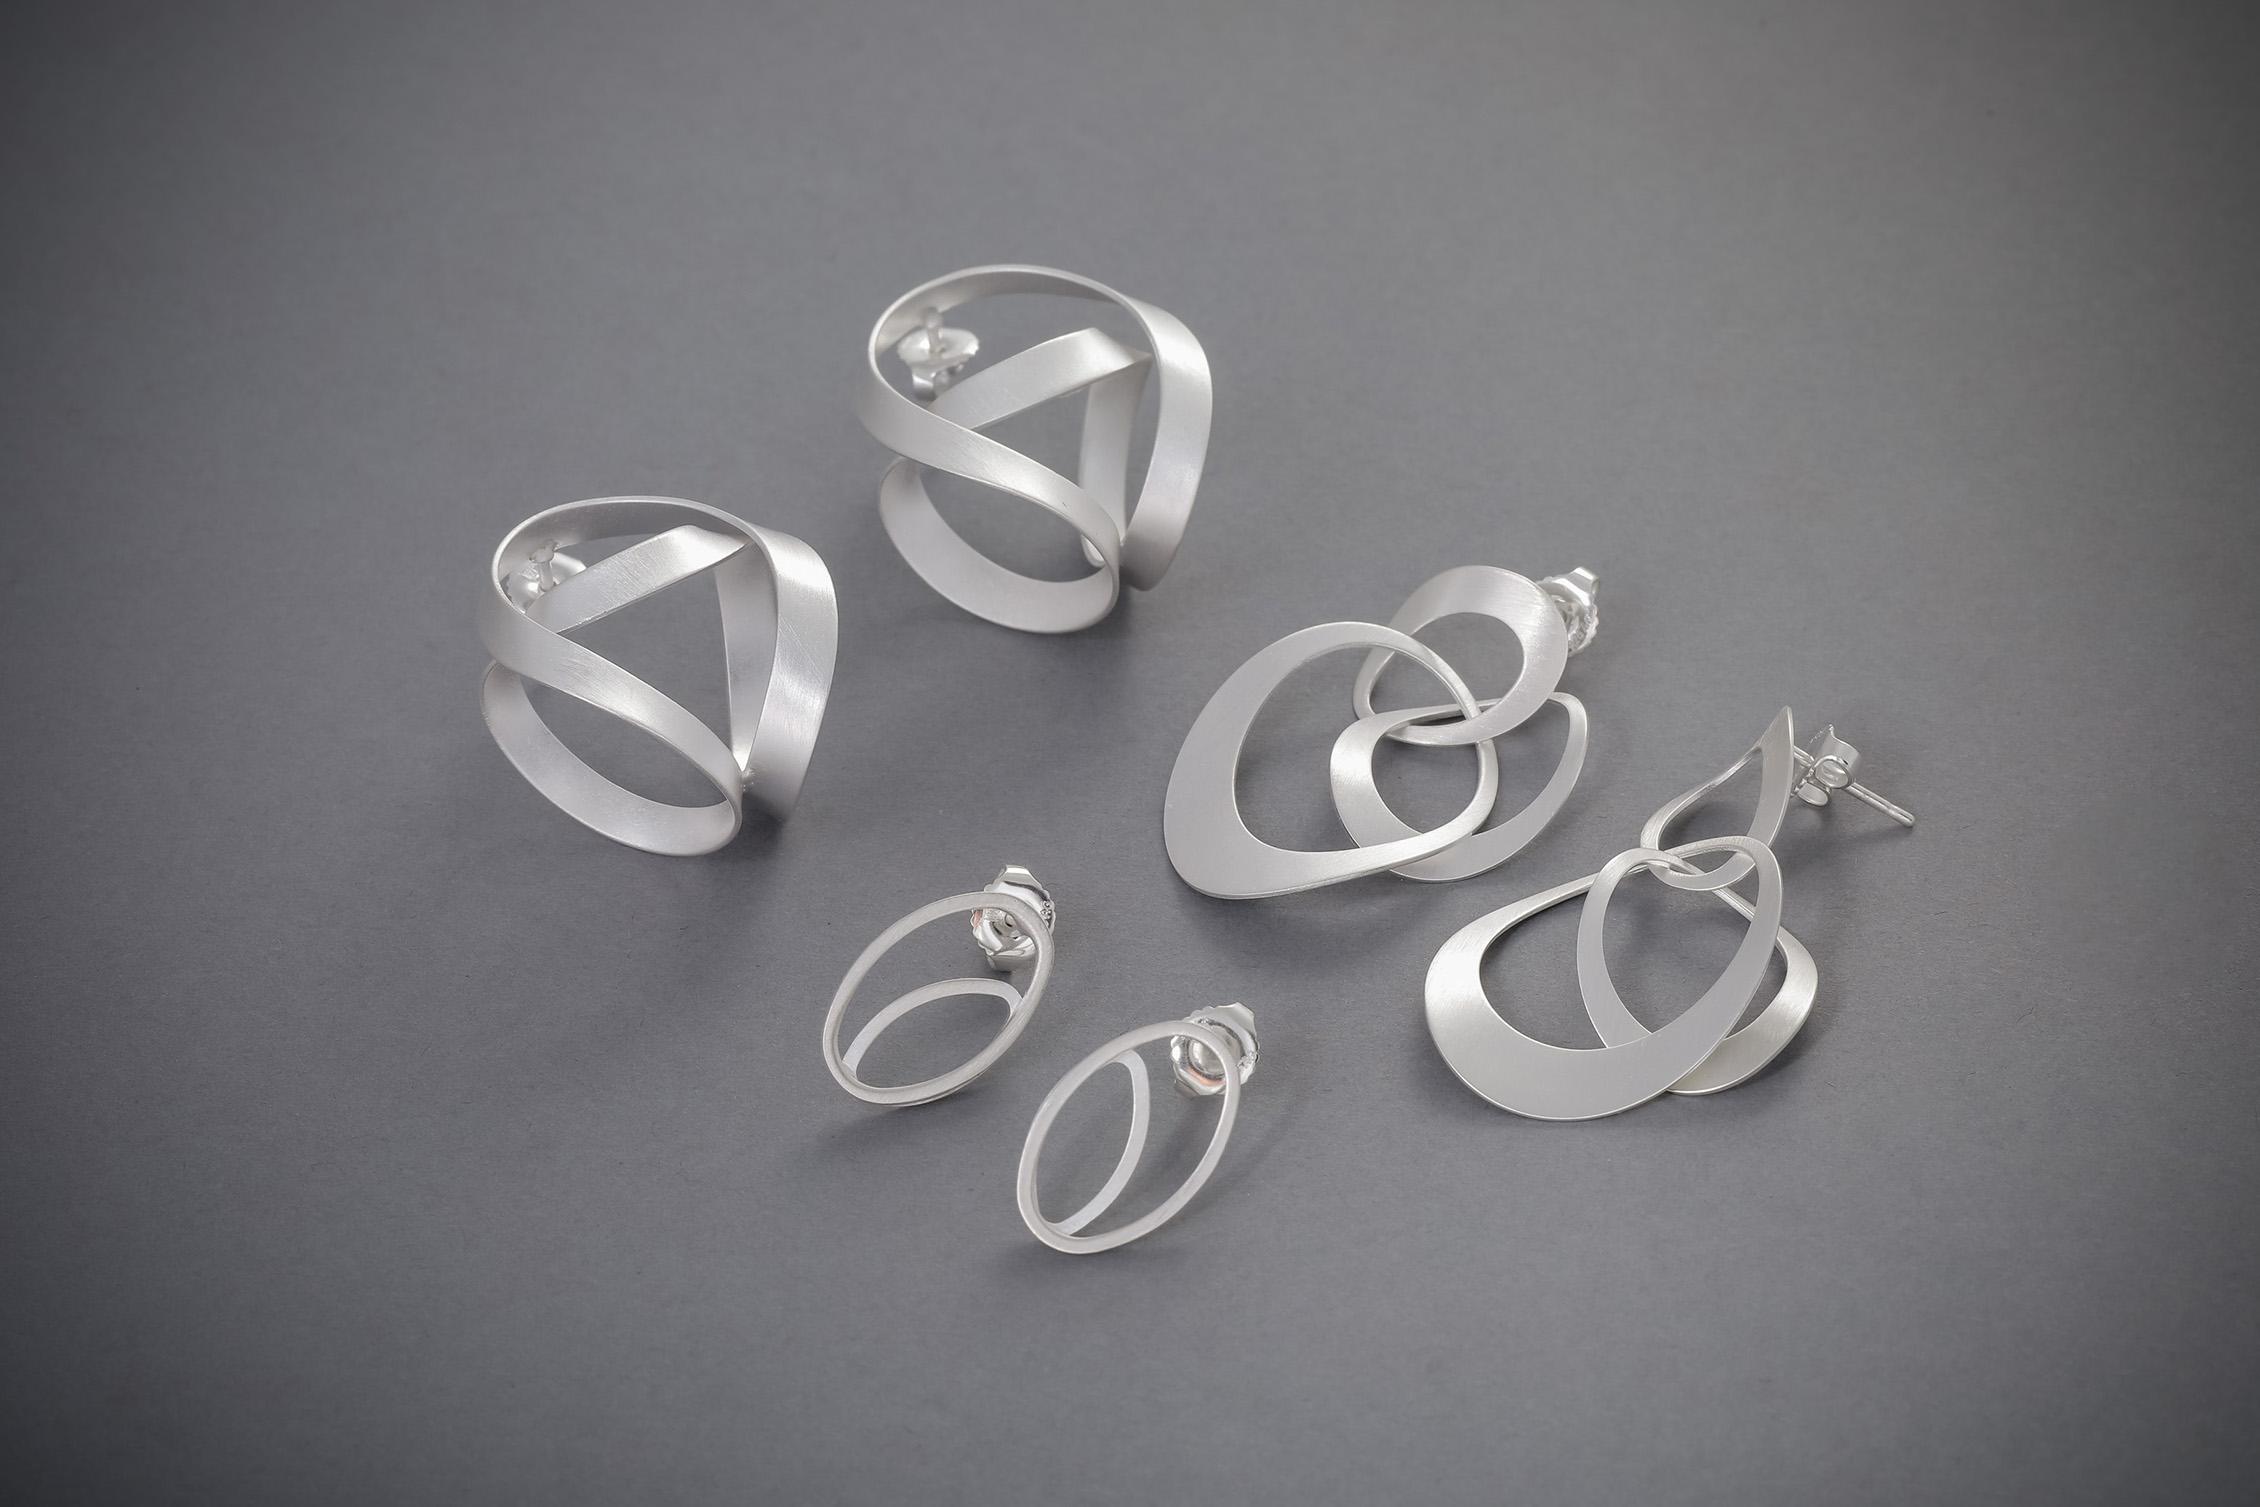 120 Silberohrgehänge, groß, rund, ab € 72,-, hängend, ab € 68,-, Stecker oval, ab € 32,-